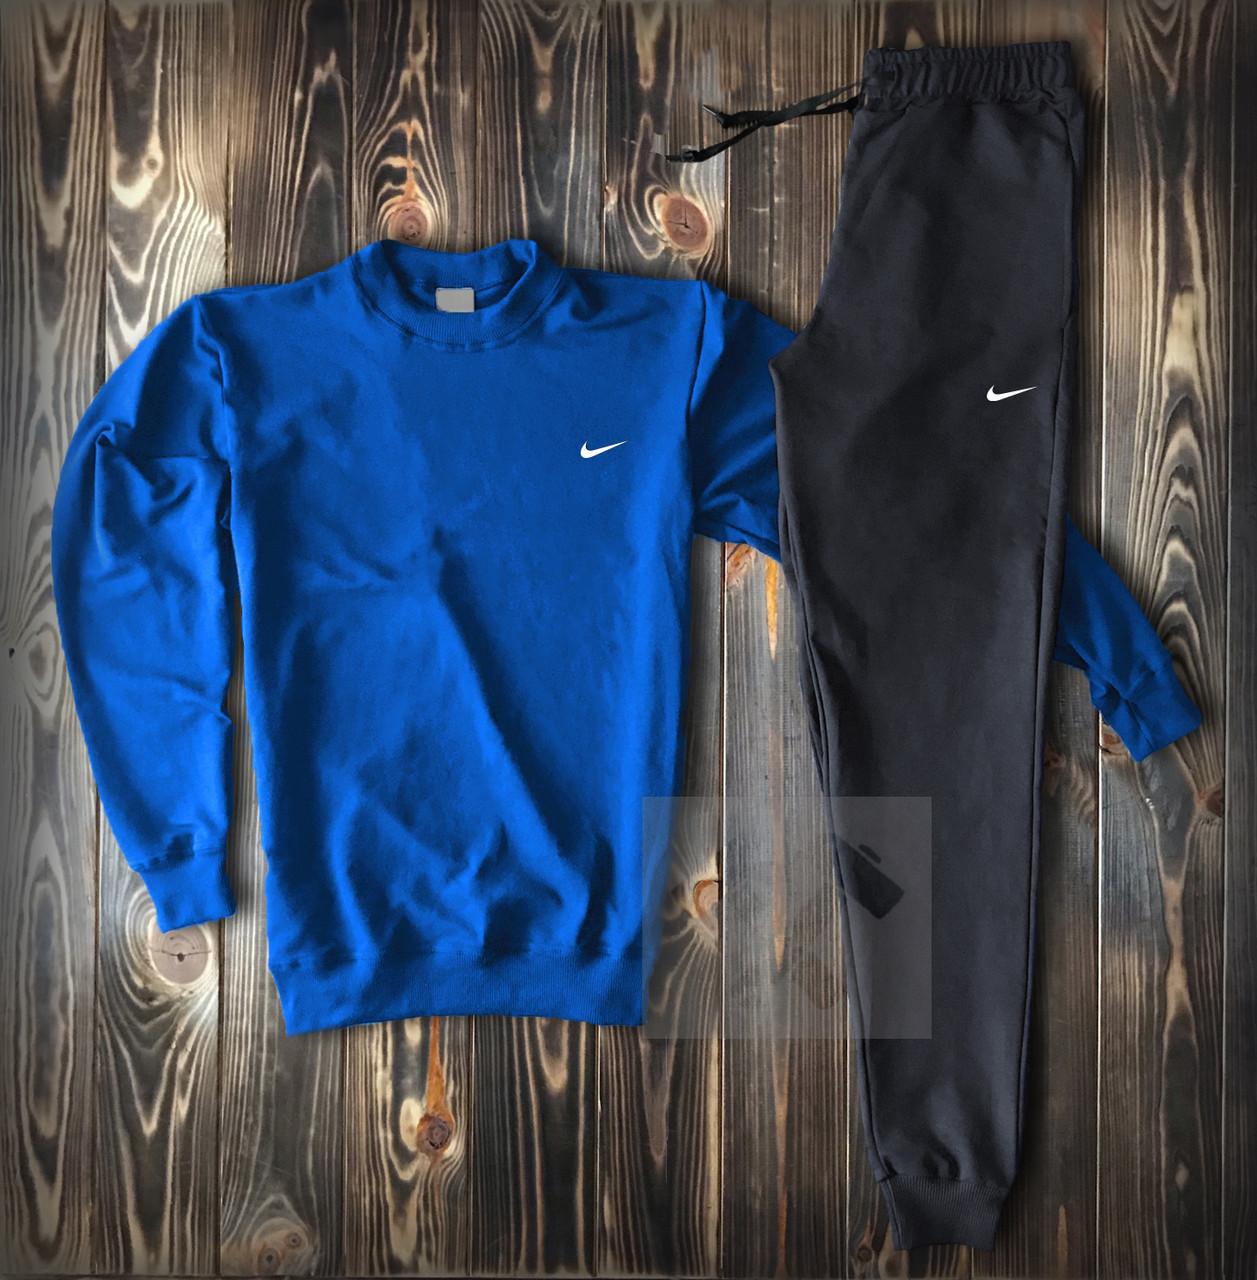 Спортивный костюм Nike синего цвета (Найк) трикотажный приталенный